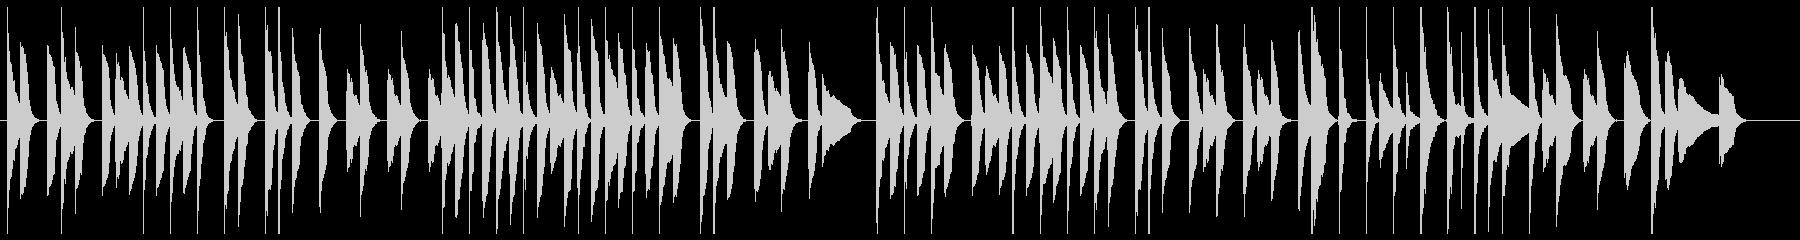 ゆったりほのぼの、ピアノとバイオリンの未再生の波形